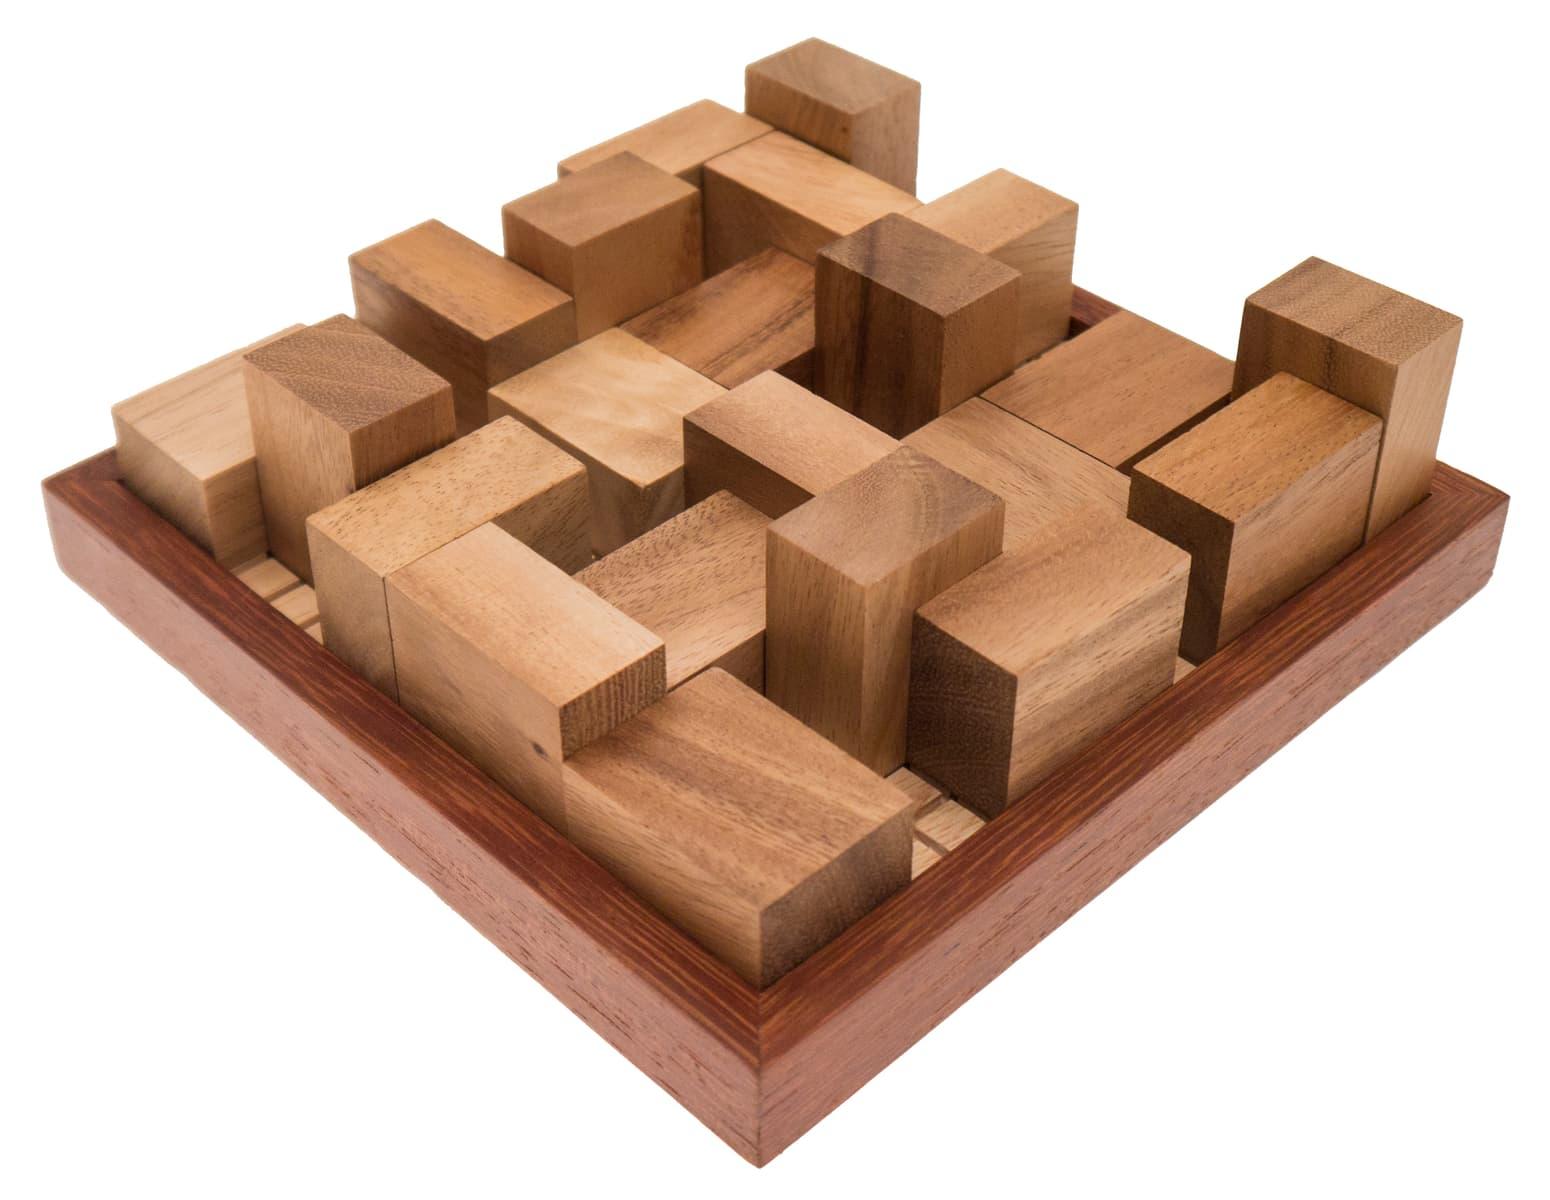 klinker fred horn niederlande 2018 ein strategiespiel f r 2 personen spiele. Black Bedroom Furniture Sets. Home Design Ideas